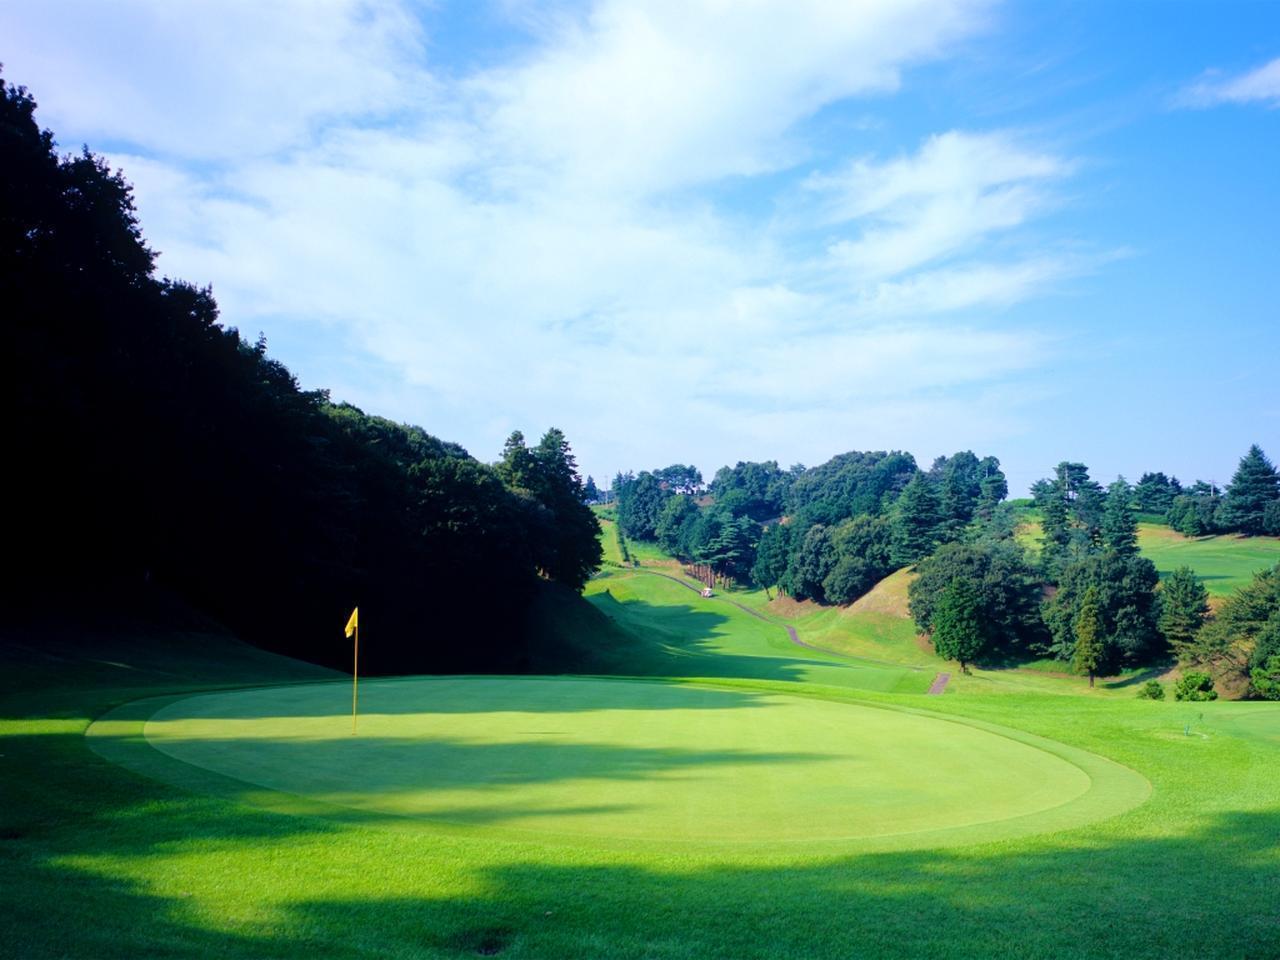 画像2: 東京国際ゴルフ倶楽部(18H・6615Y・P72)小田急線唐木田駅よりタクシー3分